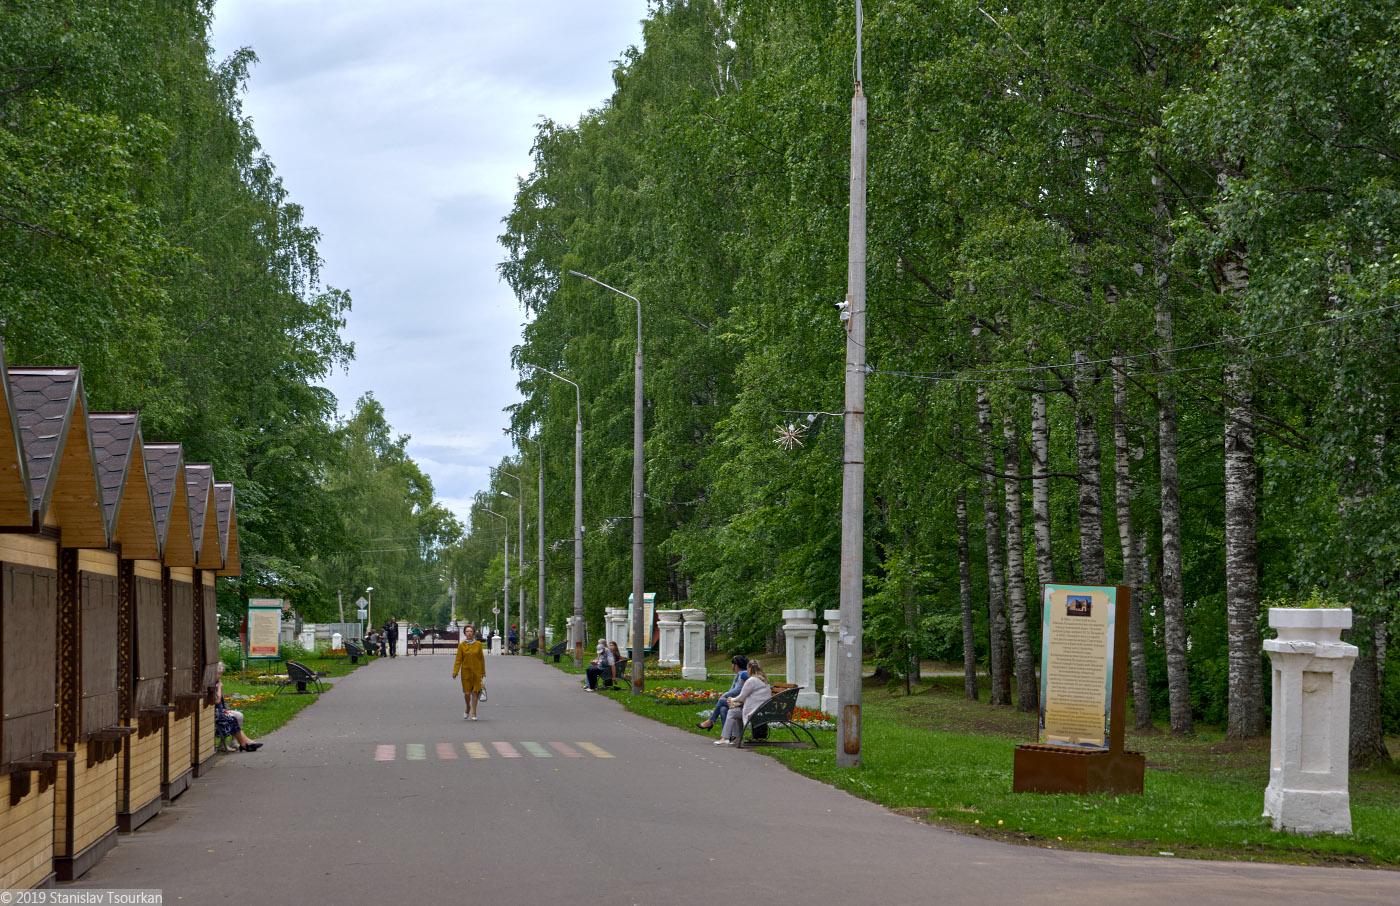 Вологодская область, Вологодчина, Великий устюг, Русский север, Булдаковский парк